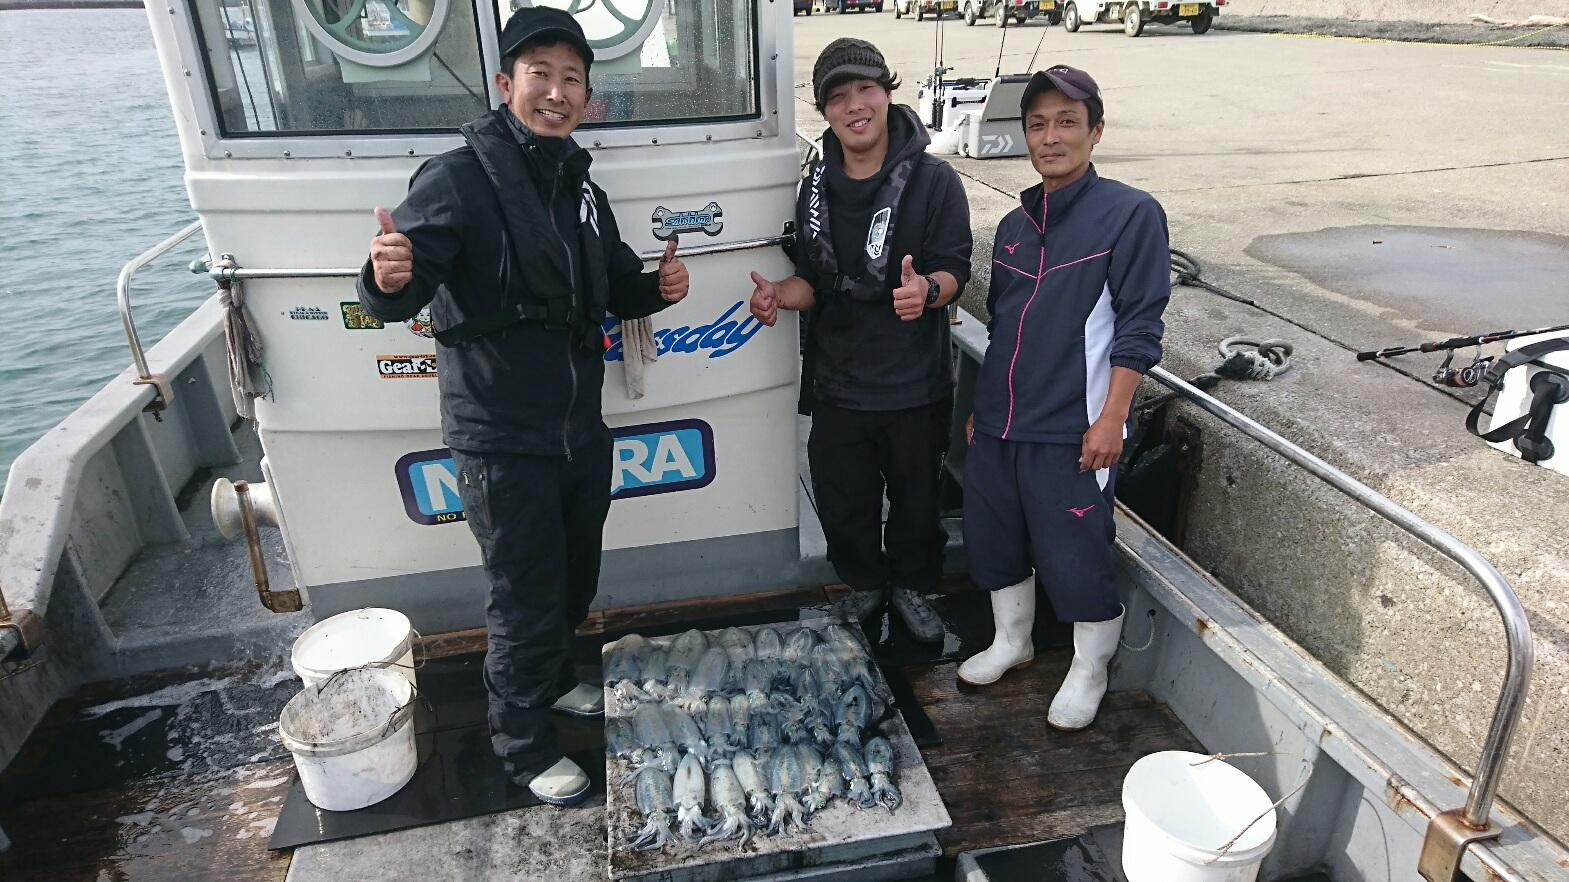 伊良湖港送迎第三太漁丸 ティップラン便。船長もやさしくてオススメです。料金9000円。